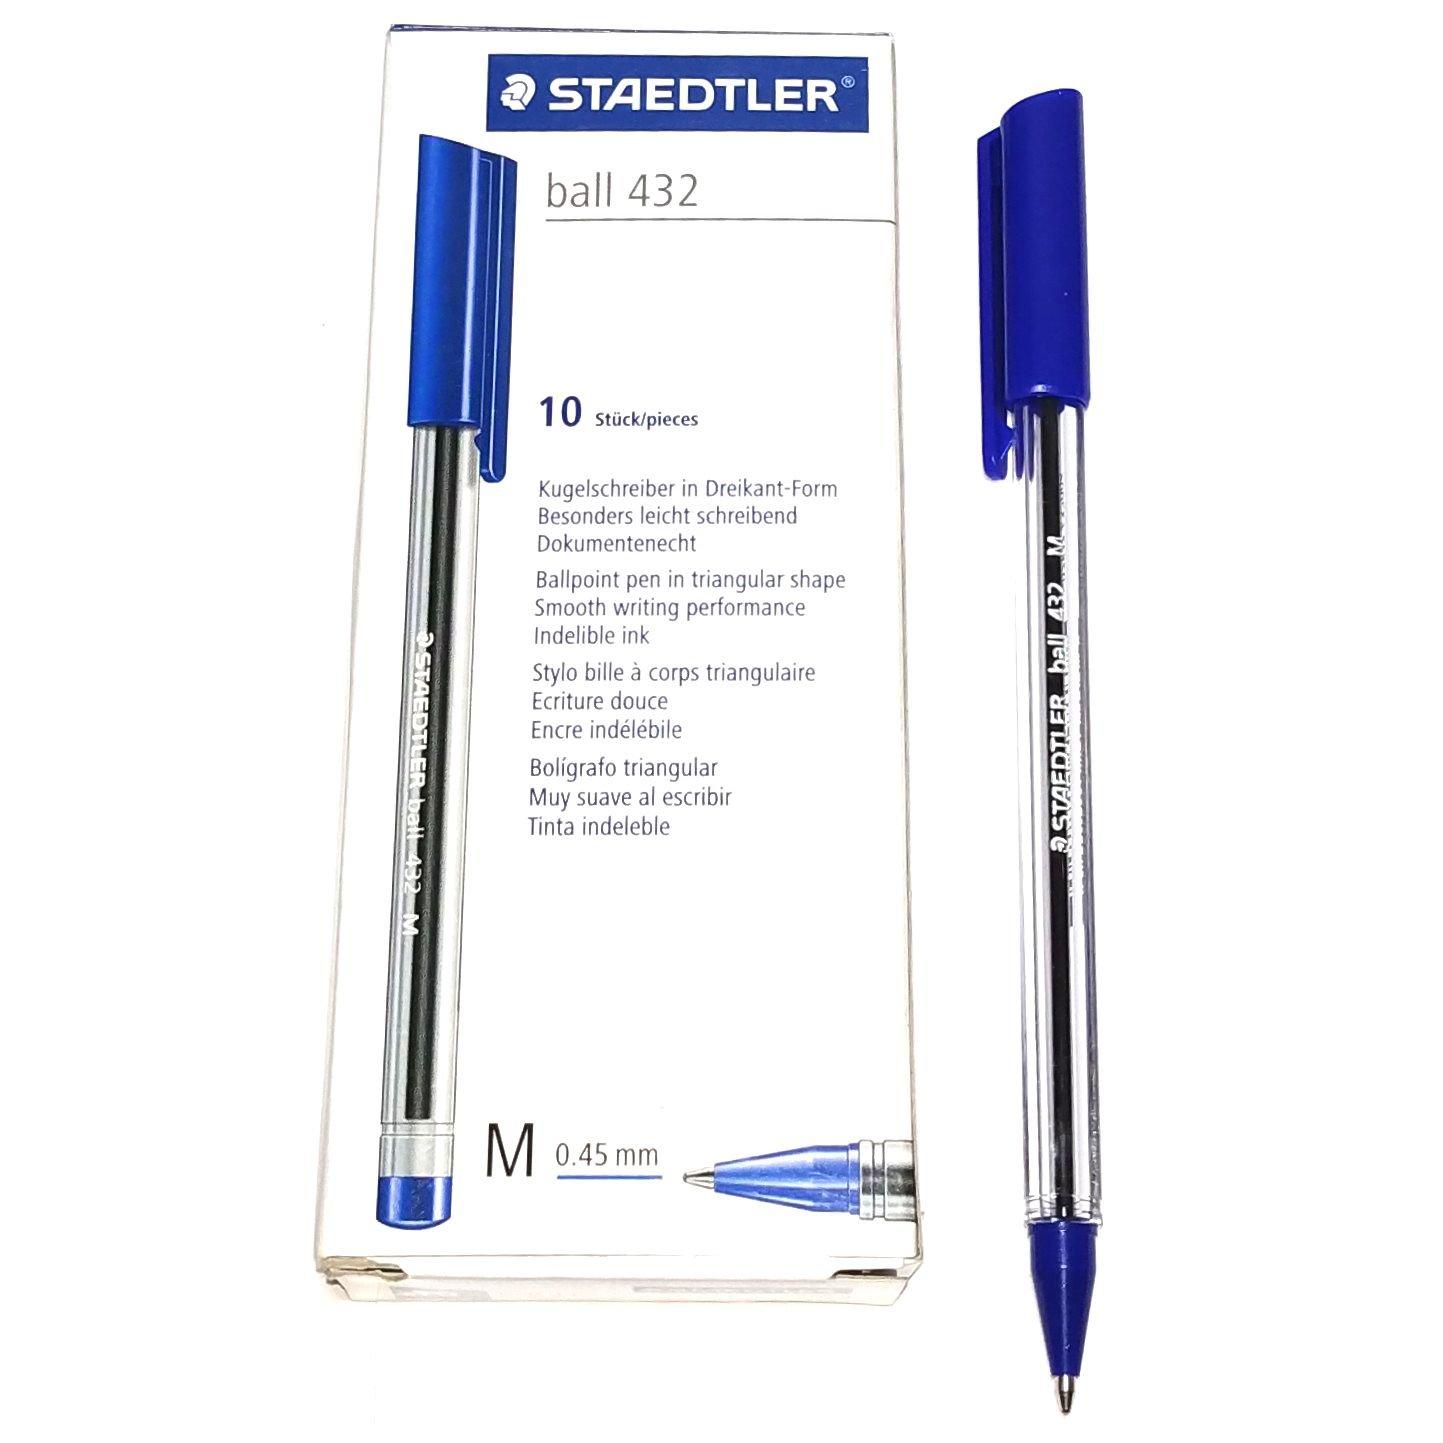 خودکار استدلر مدل ball 432 M بسته 10 تایی